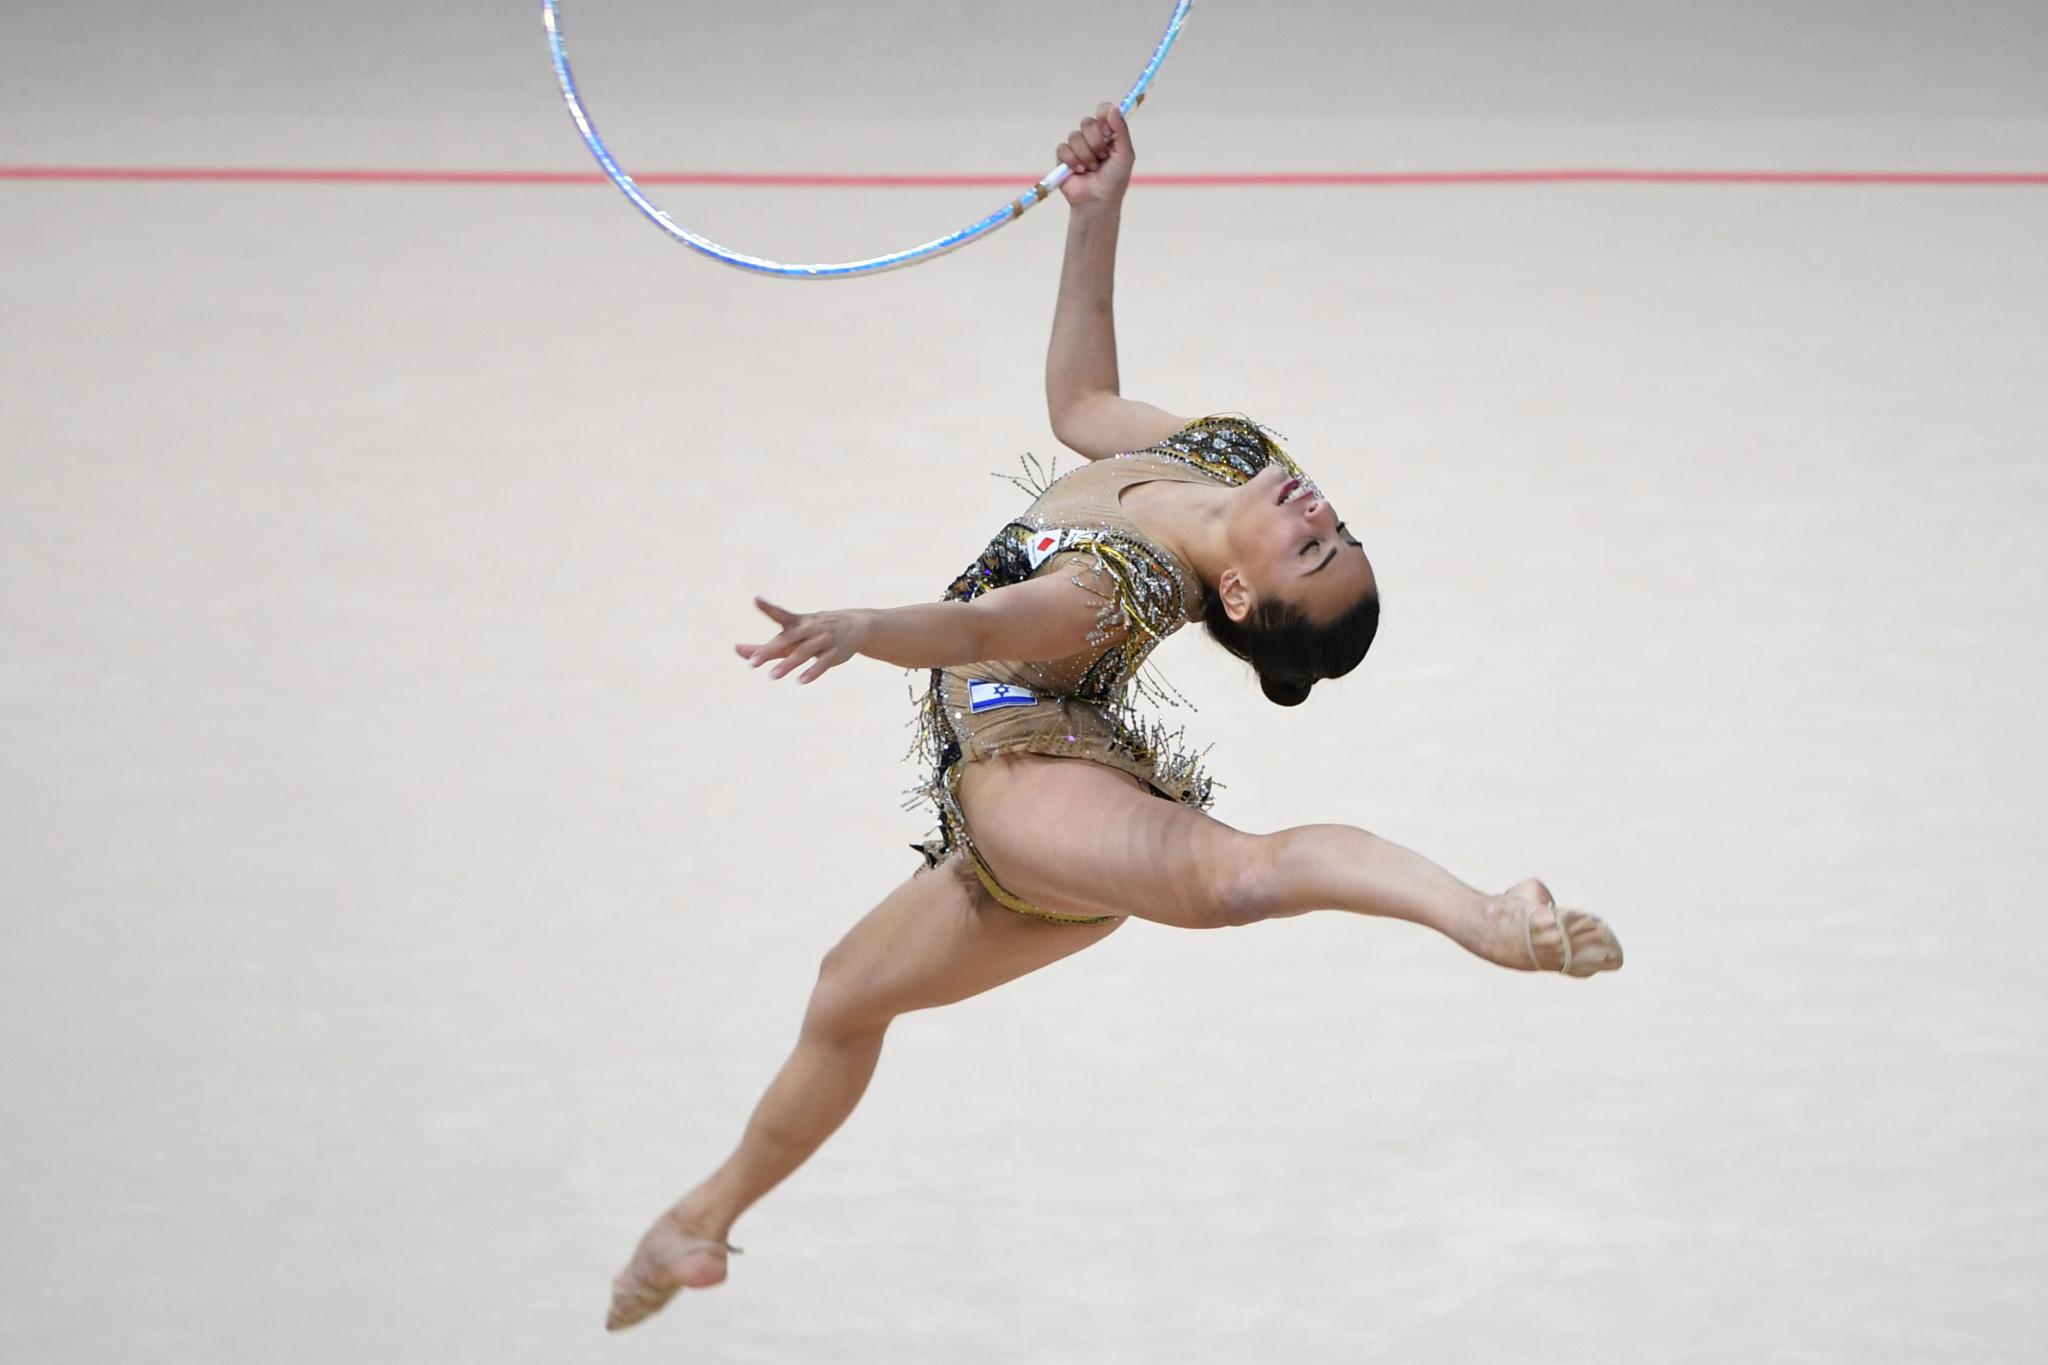 Ashram wins individual all-around title at FIG Rhythmic Gymnastics World Cup in Sofia